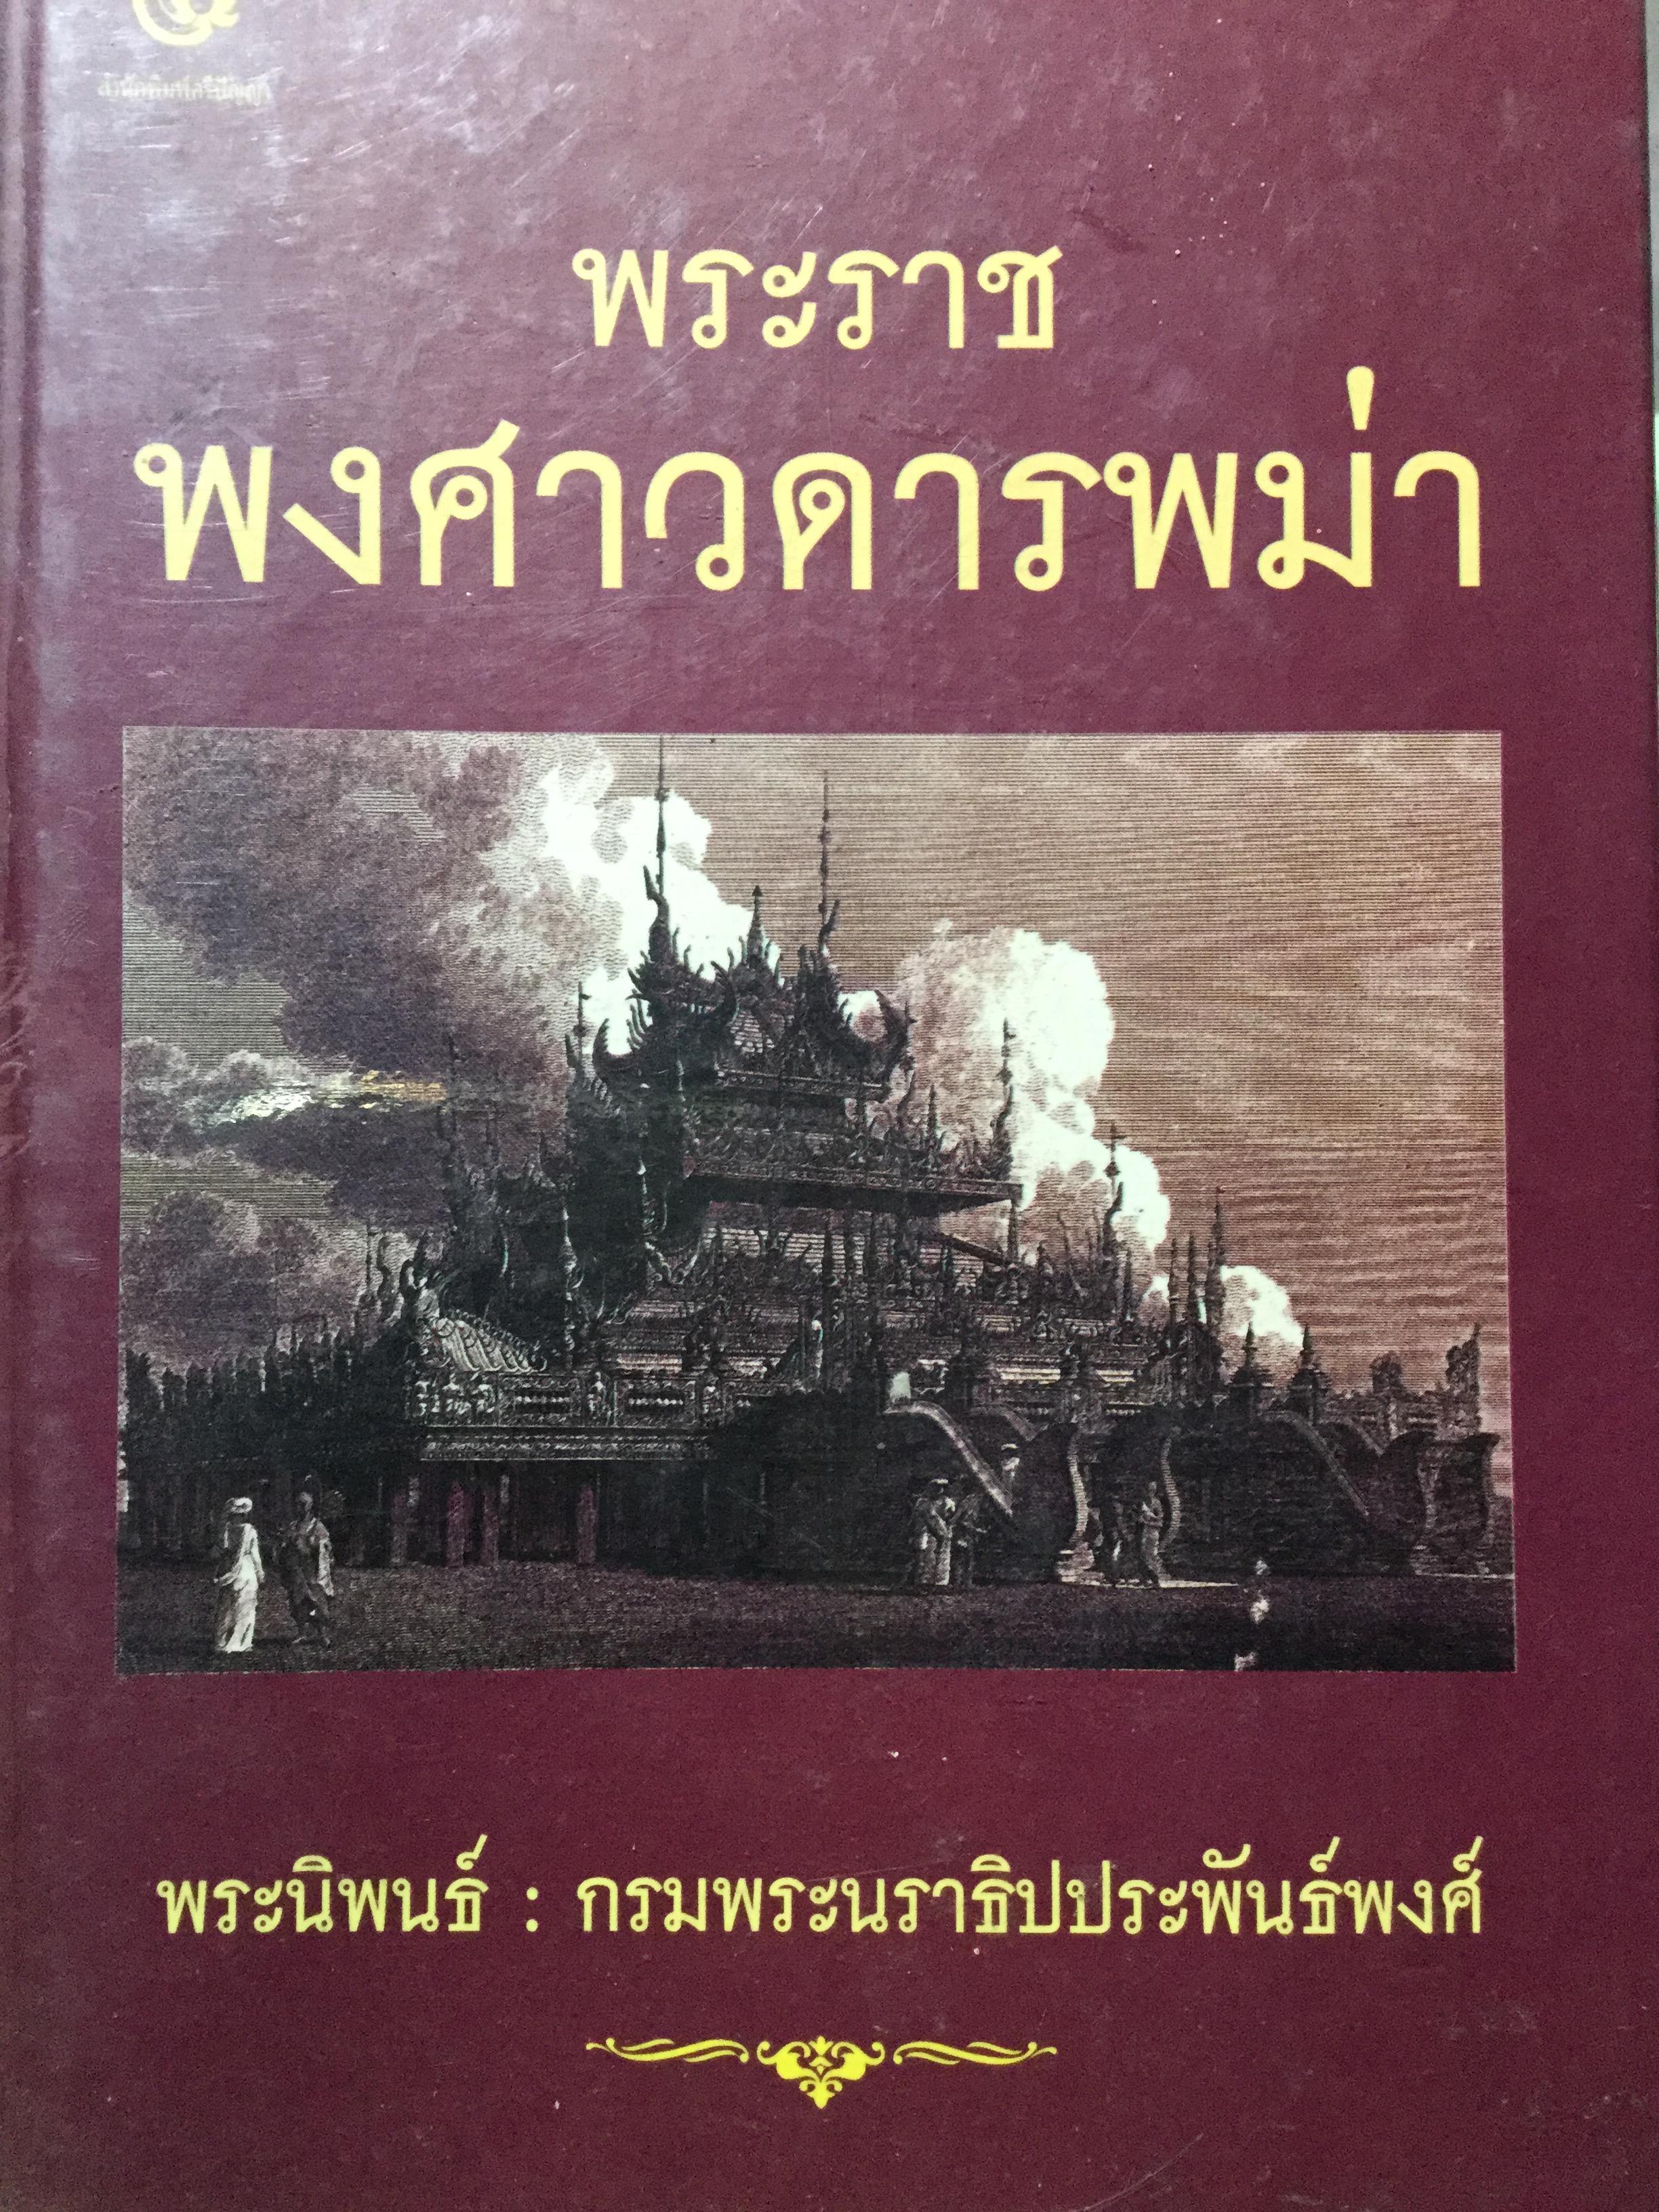 พระราชพงศาวดารพม่า เป็นเรื่องราวของวีรบุรุษและตำนานแห่งชนชาติพม่าเช่น อนุรุธมหาราช ผู้ชนะสิบทิศ พระนเรศวร อลองพญา พระนิพนธ์ : กรมพระนราธิประพันธ์พงศ์